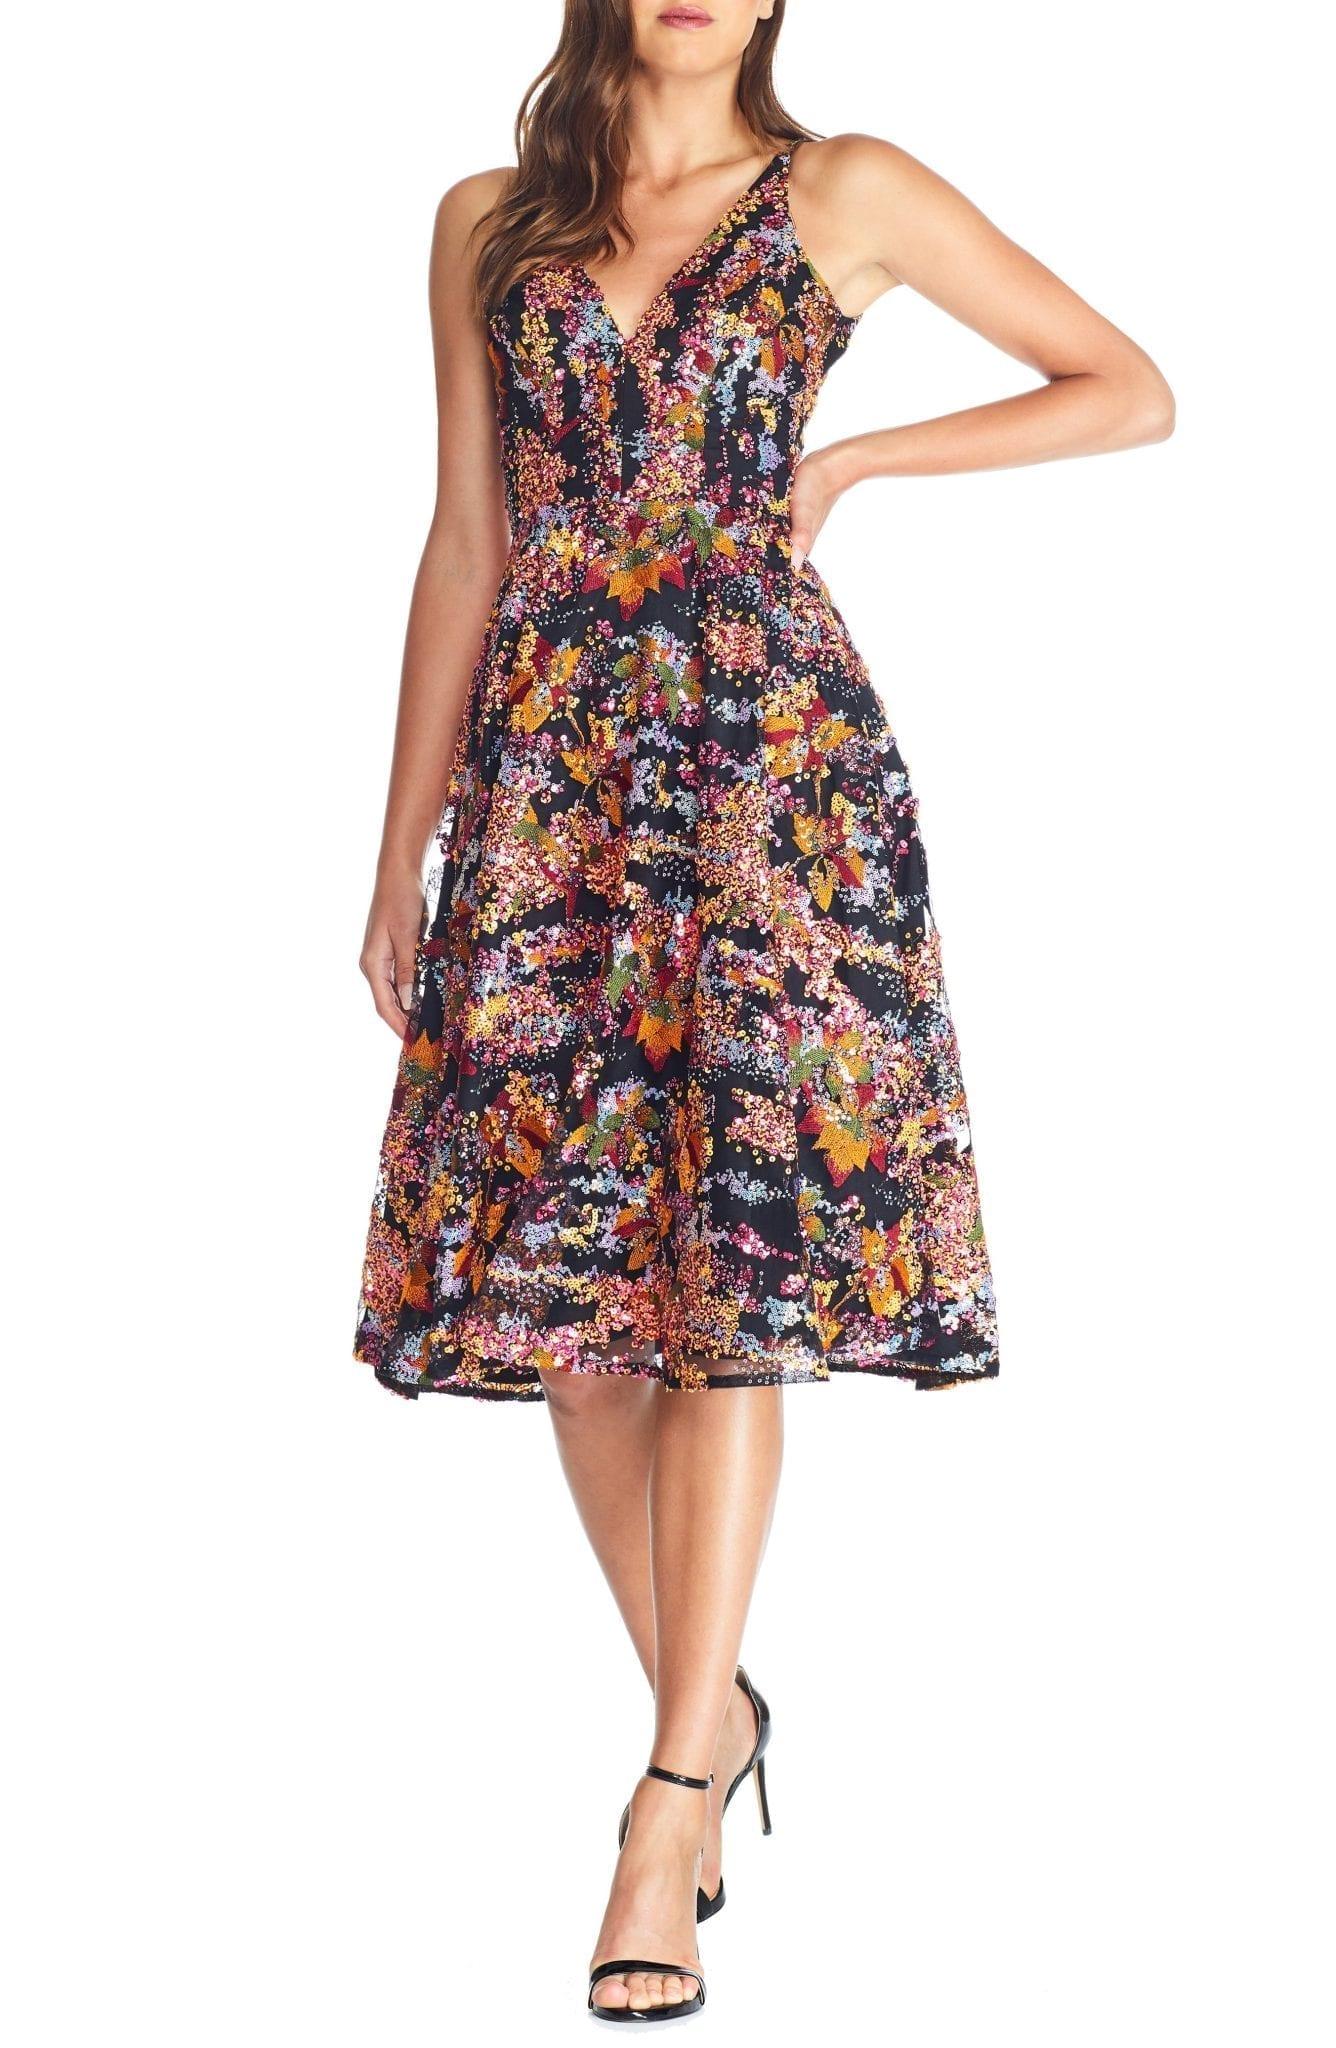 DRESS THE POPULATION Elisa Sequin Embellished Embroidered Fit & Flare Dress